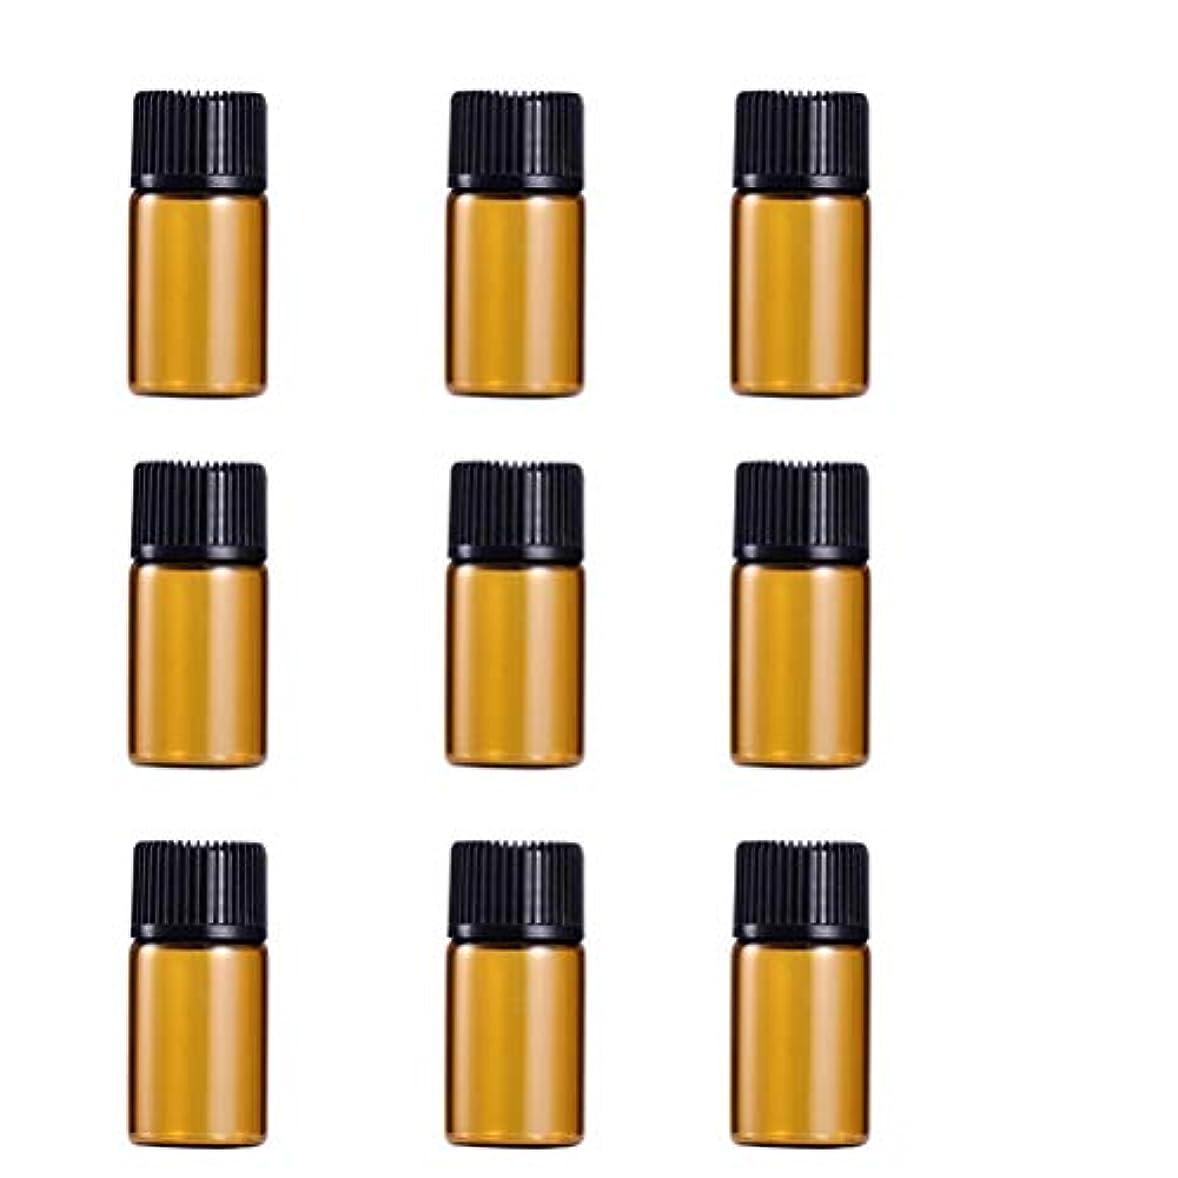 第導体降伏WINOMO 遮光瓶 アロマオイル 精油 小分け用 遮光瓶セット アロマボトル 保存容器 エッセンシャルオイル 香水 保存用 詰替え ガラス 茶色(9個入り 3ml)